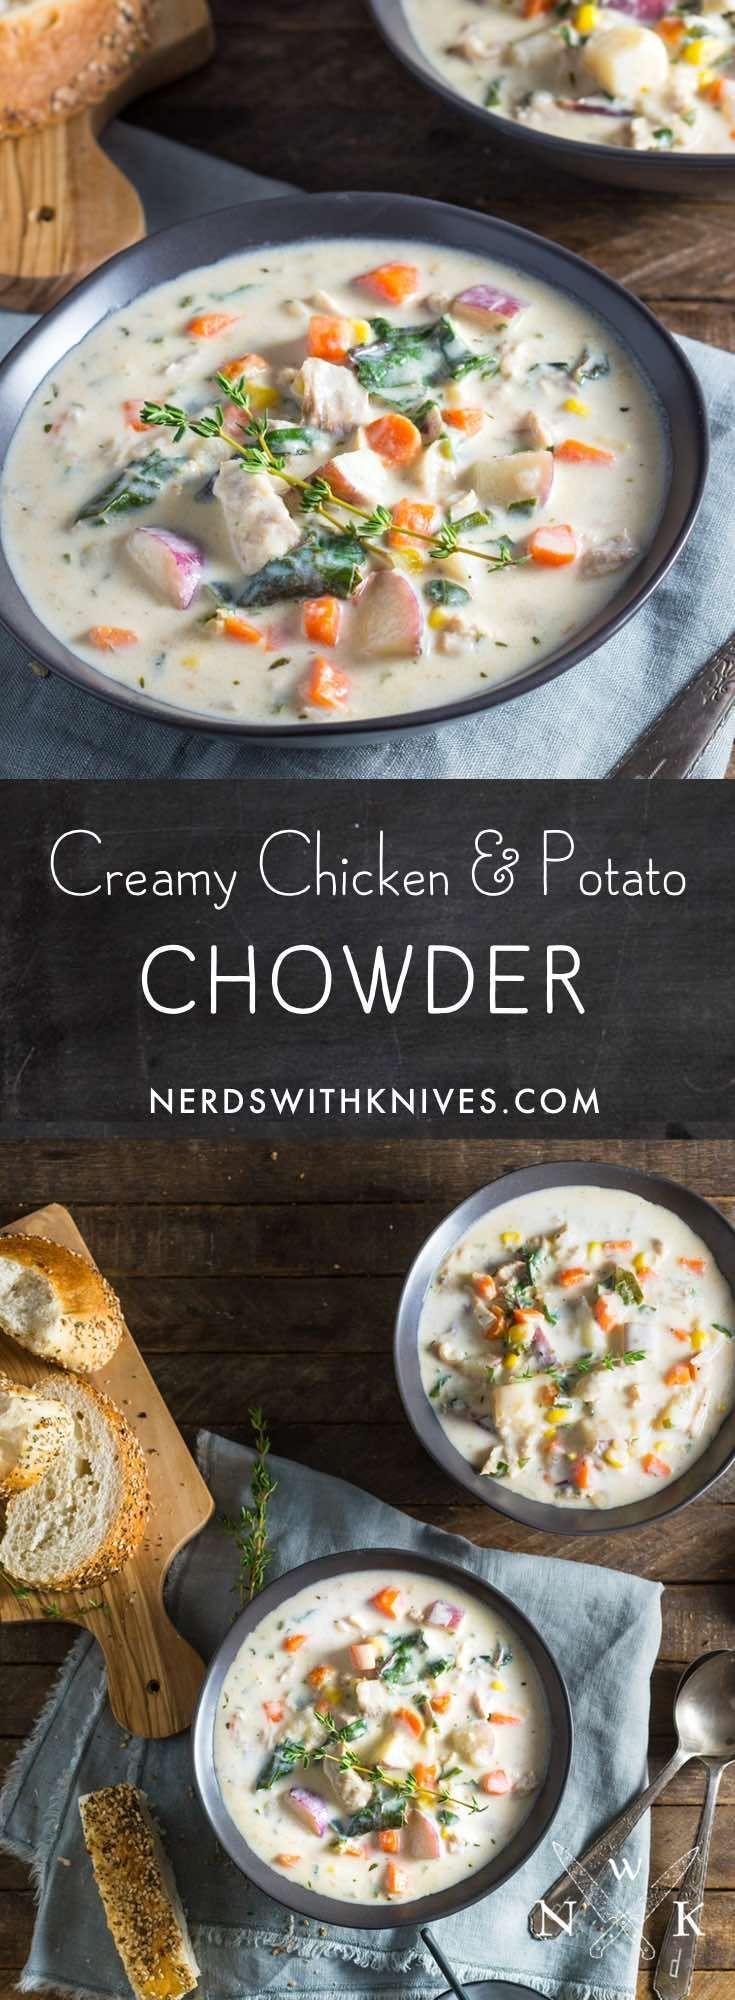 Creamy Chicken And Potato Chowder